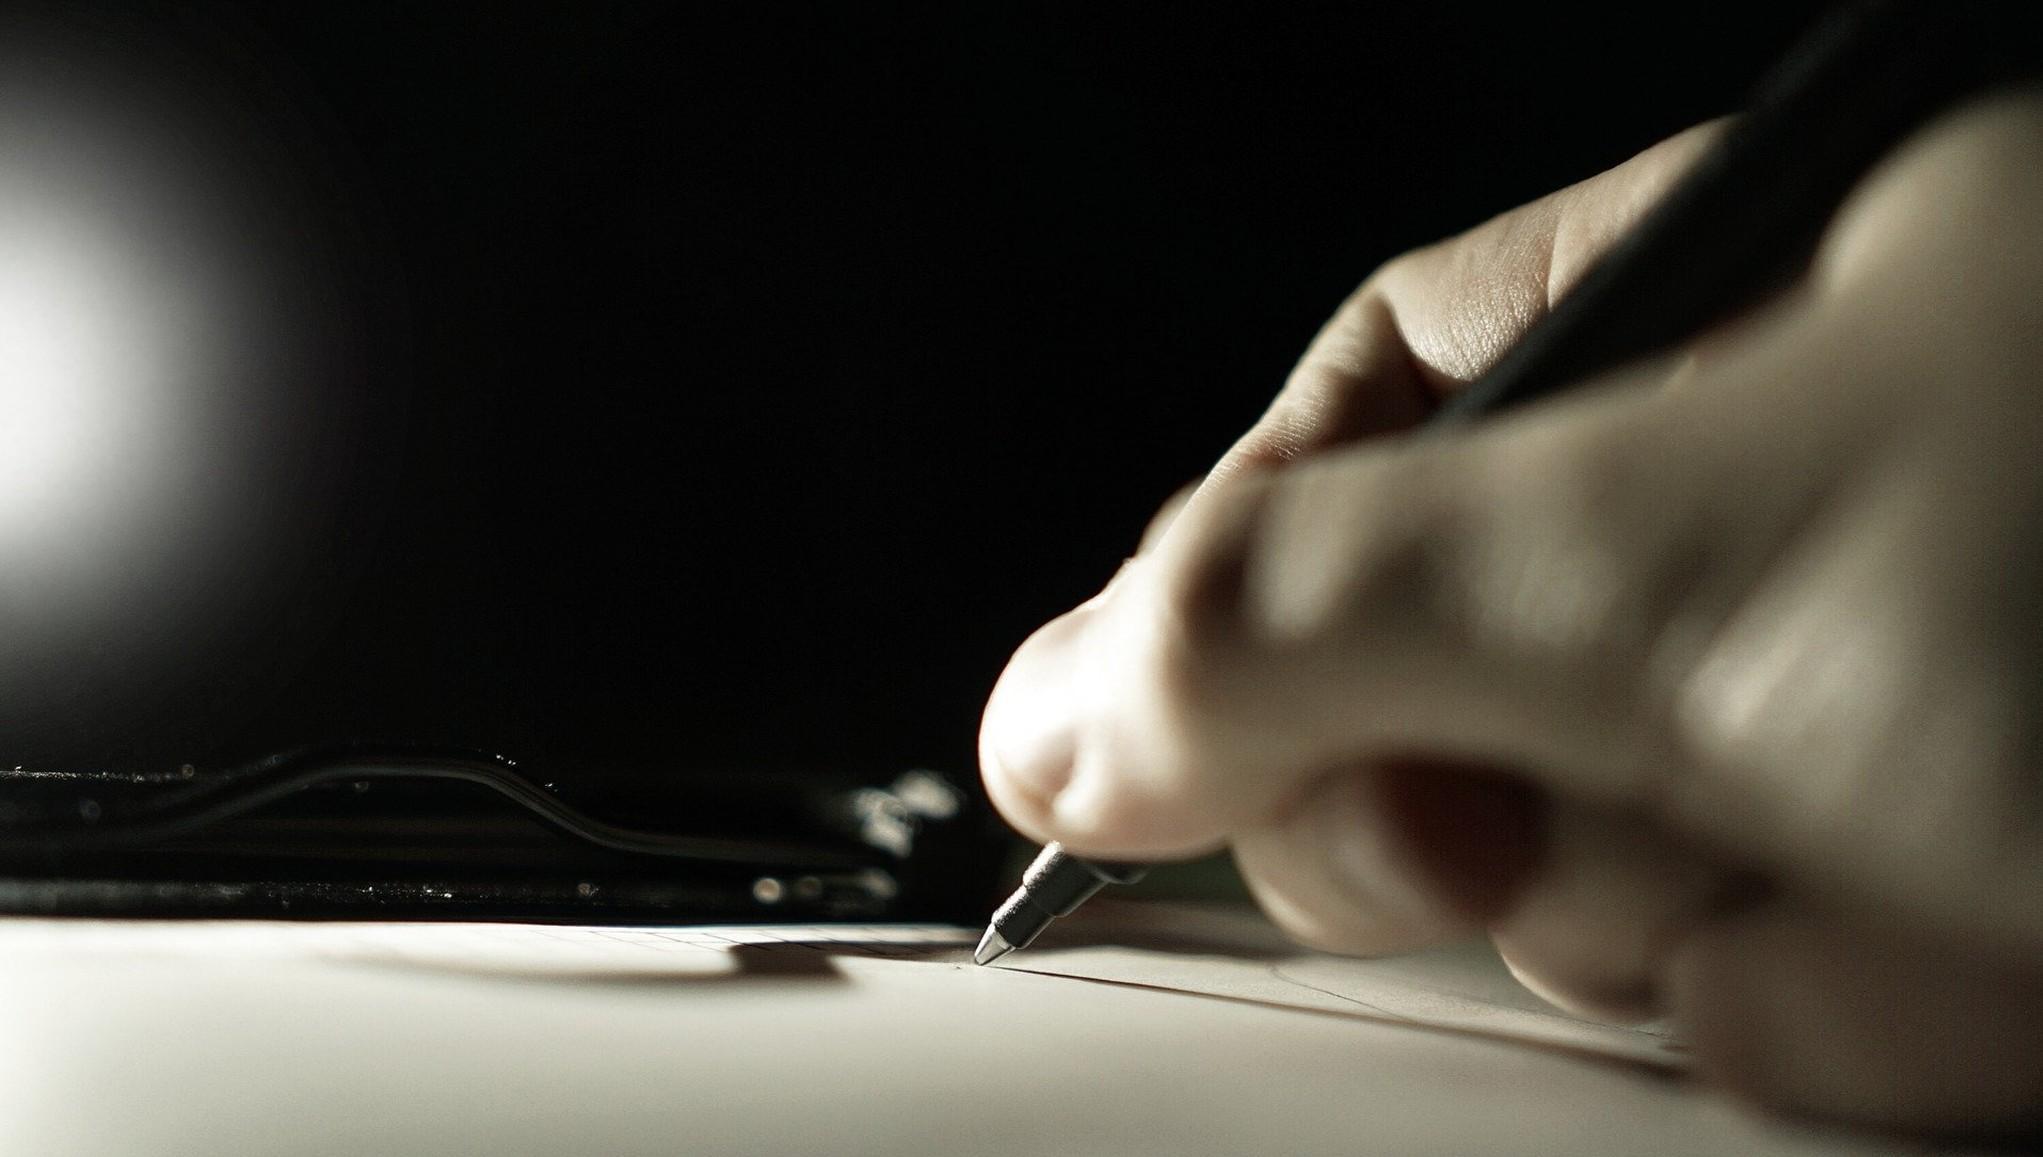 «Тотальный диктант» от Дмитрия Глуховского в Твери будут писать в Горьковке и на филфаке - новости Афанасий